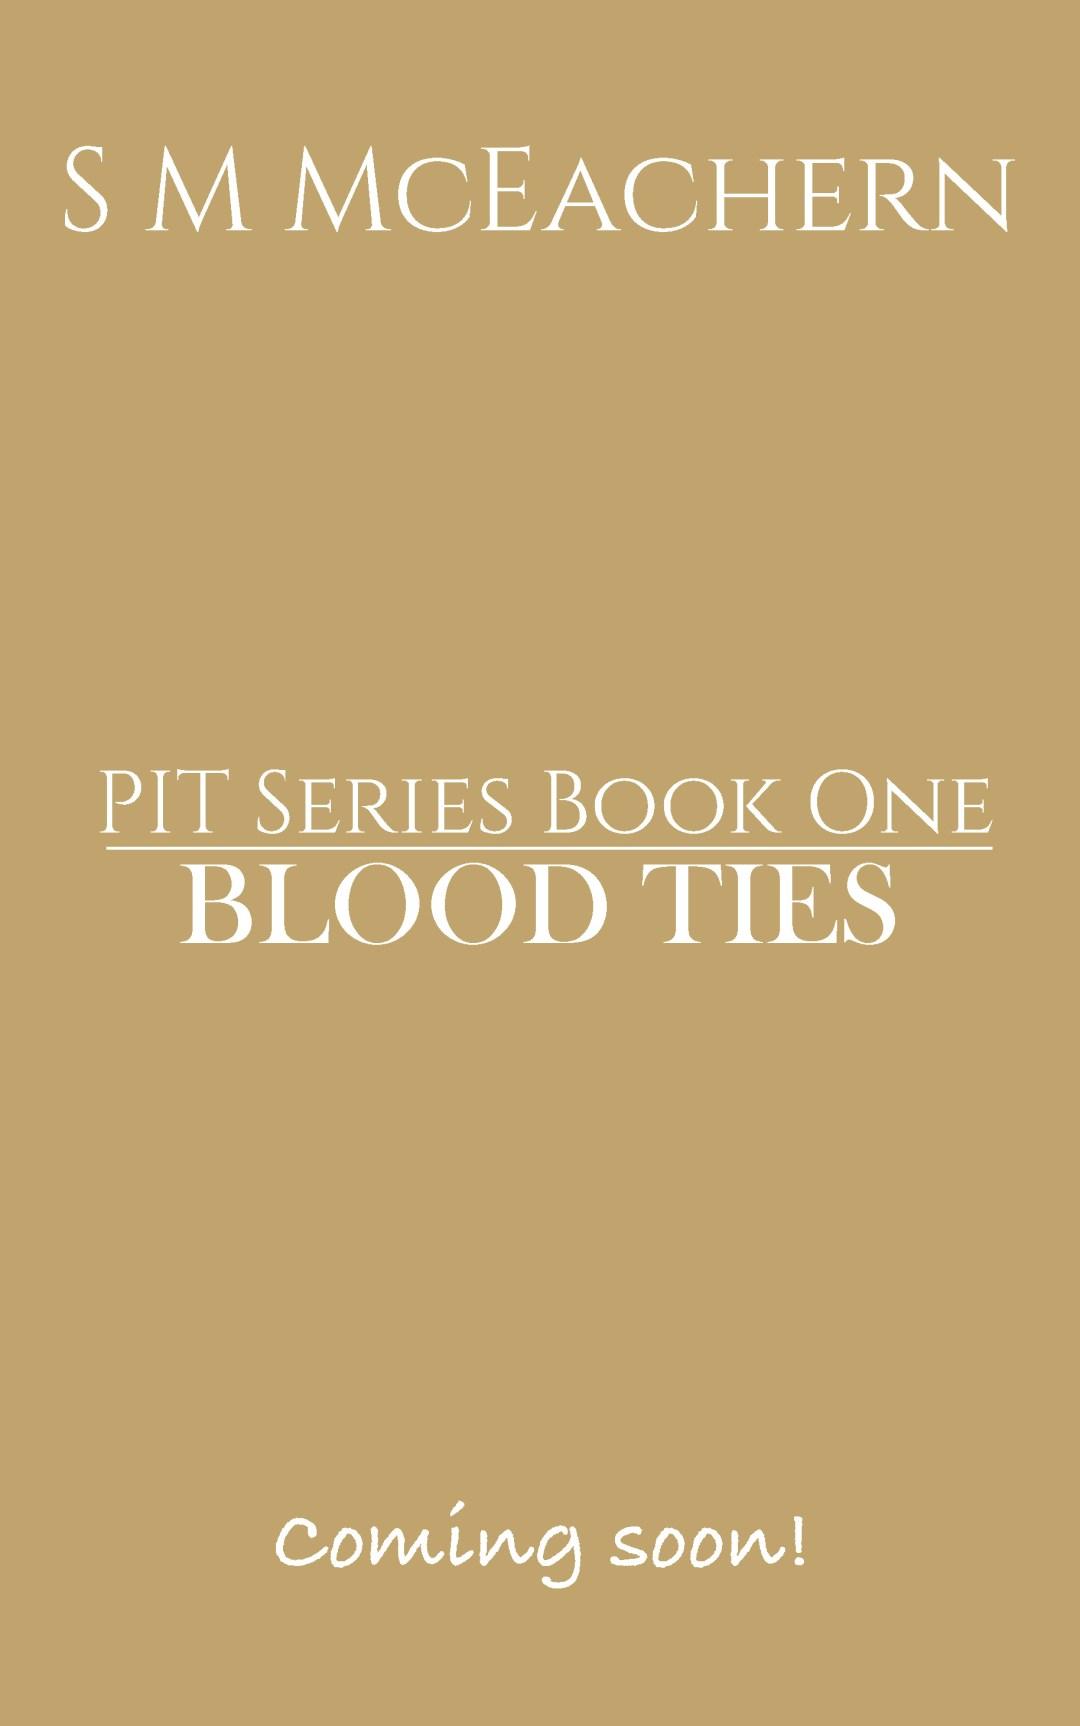 Blood Ties, by S.M. McEachern